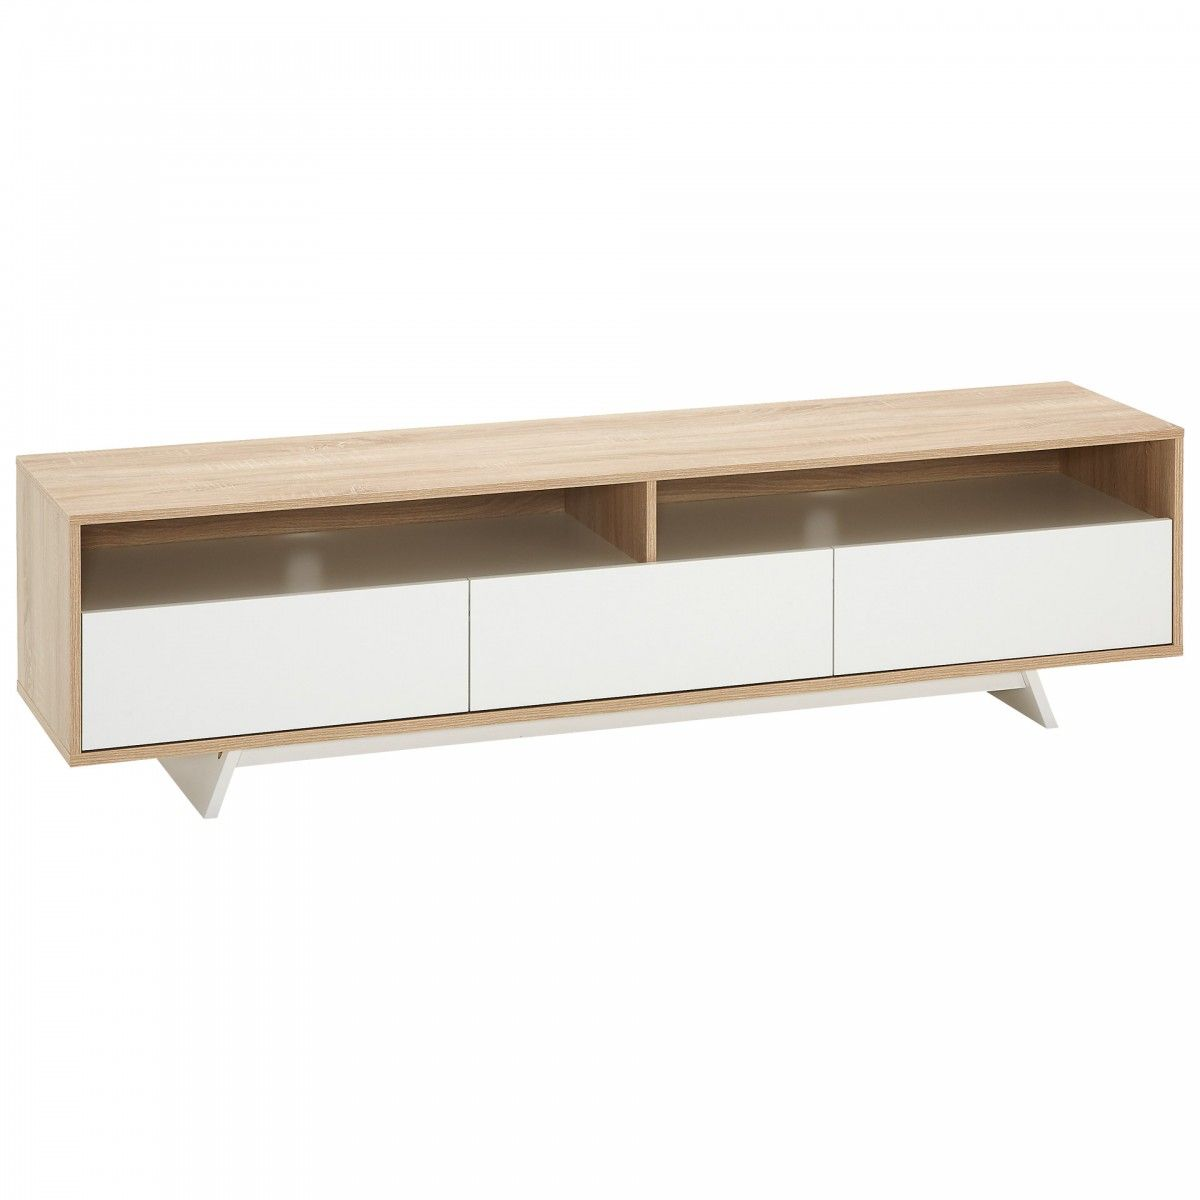 Tv Bank Match Tv Bank 3 Schubladen Mit Kabellochern Ihr Heimkino Perfekt Untergebracht Jetzt Bestellen Bei Danisches Bet Furniture Decor Home Decor